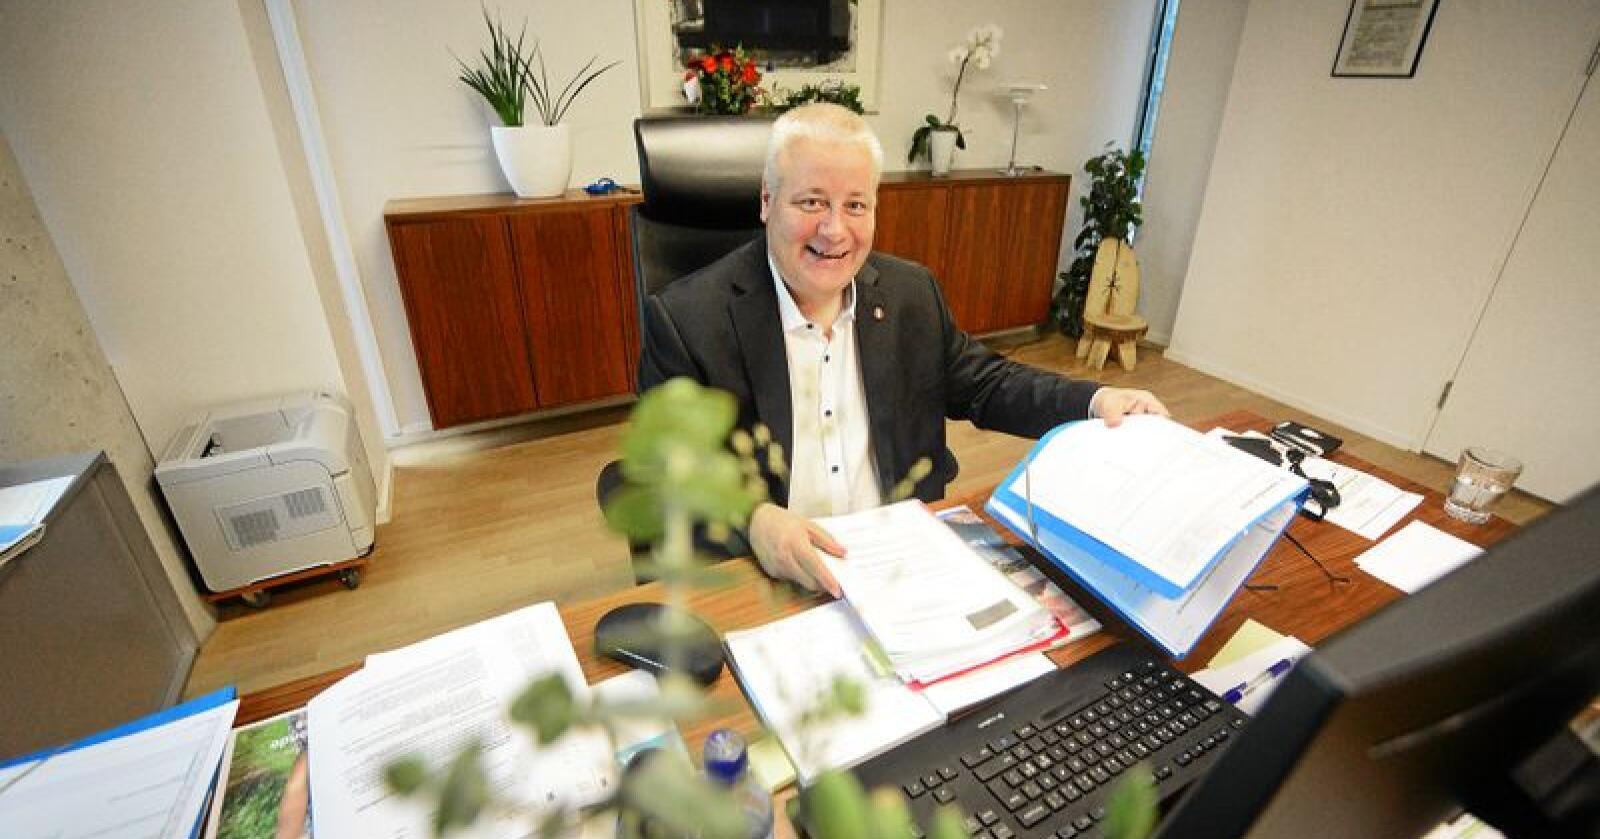 Landbruksminister Bård Hoksrud (Frp) innrømmer at han har mye å sette seg inn i. Foto: Siri Juell Rasmussen